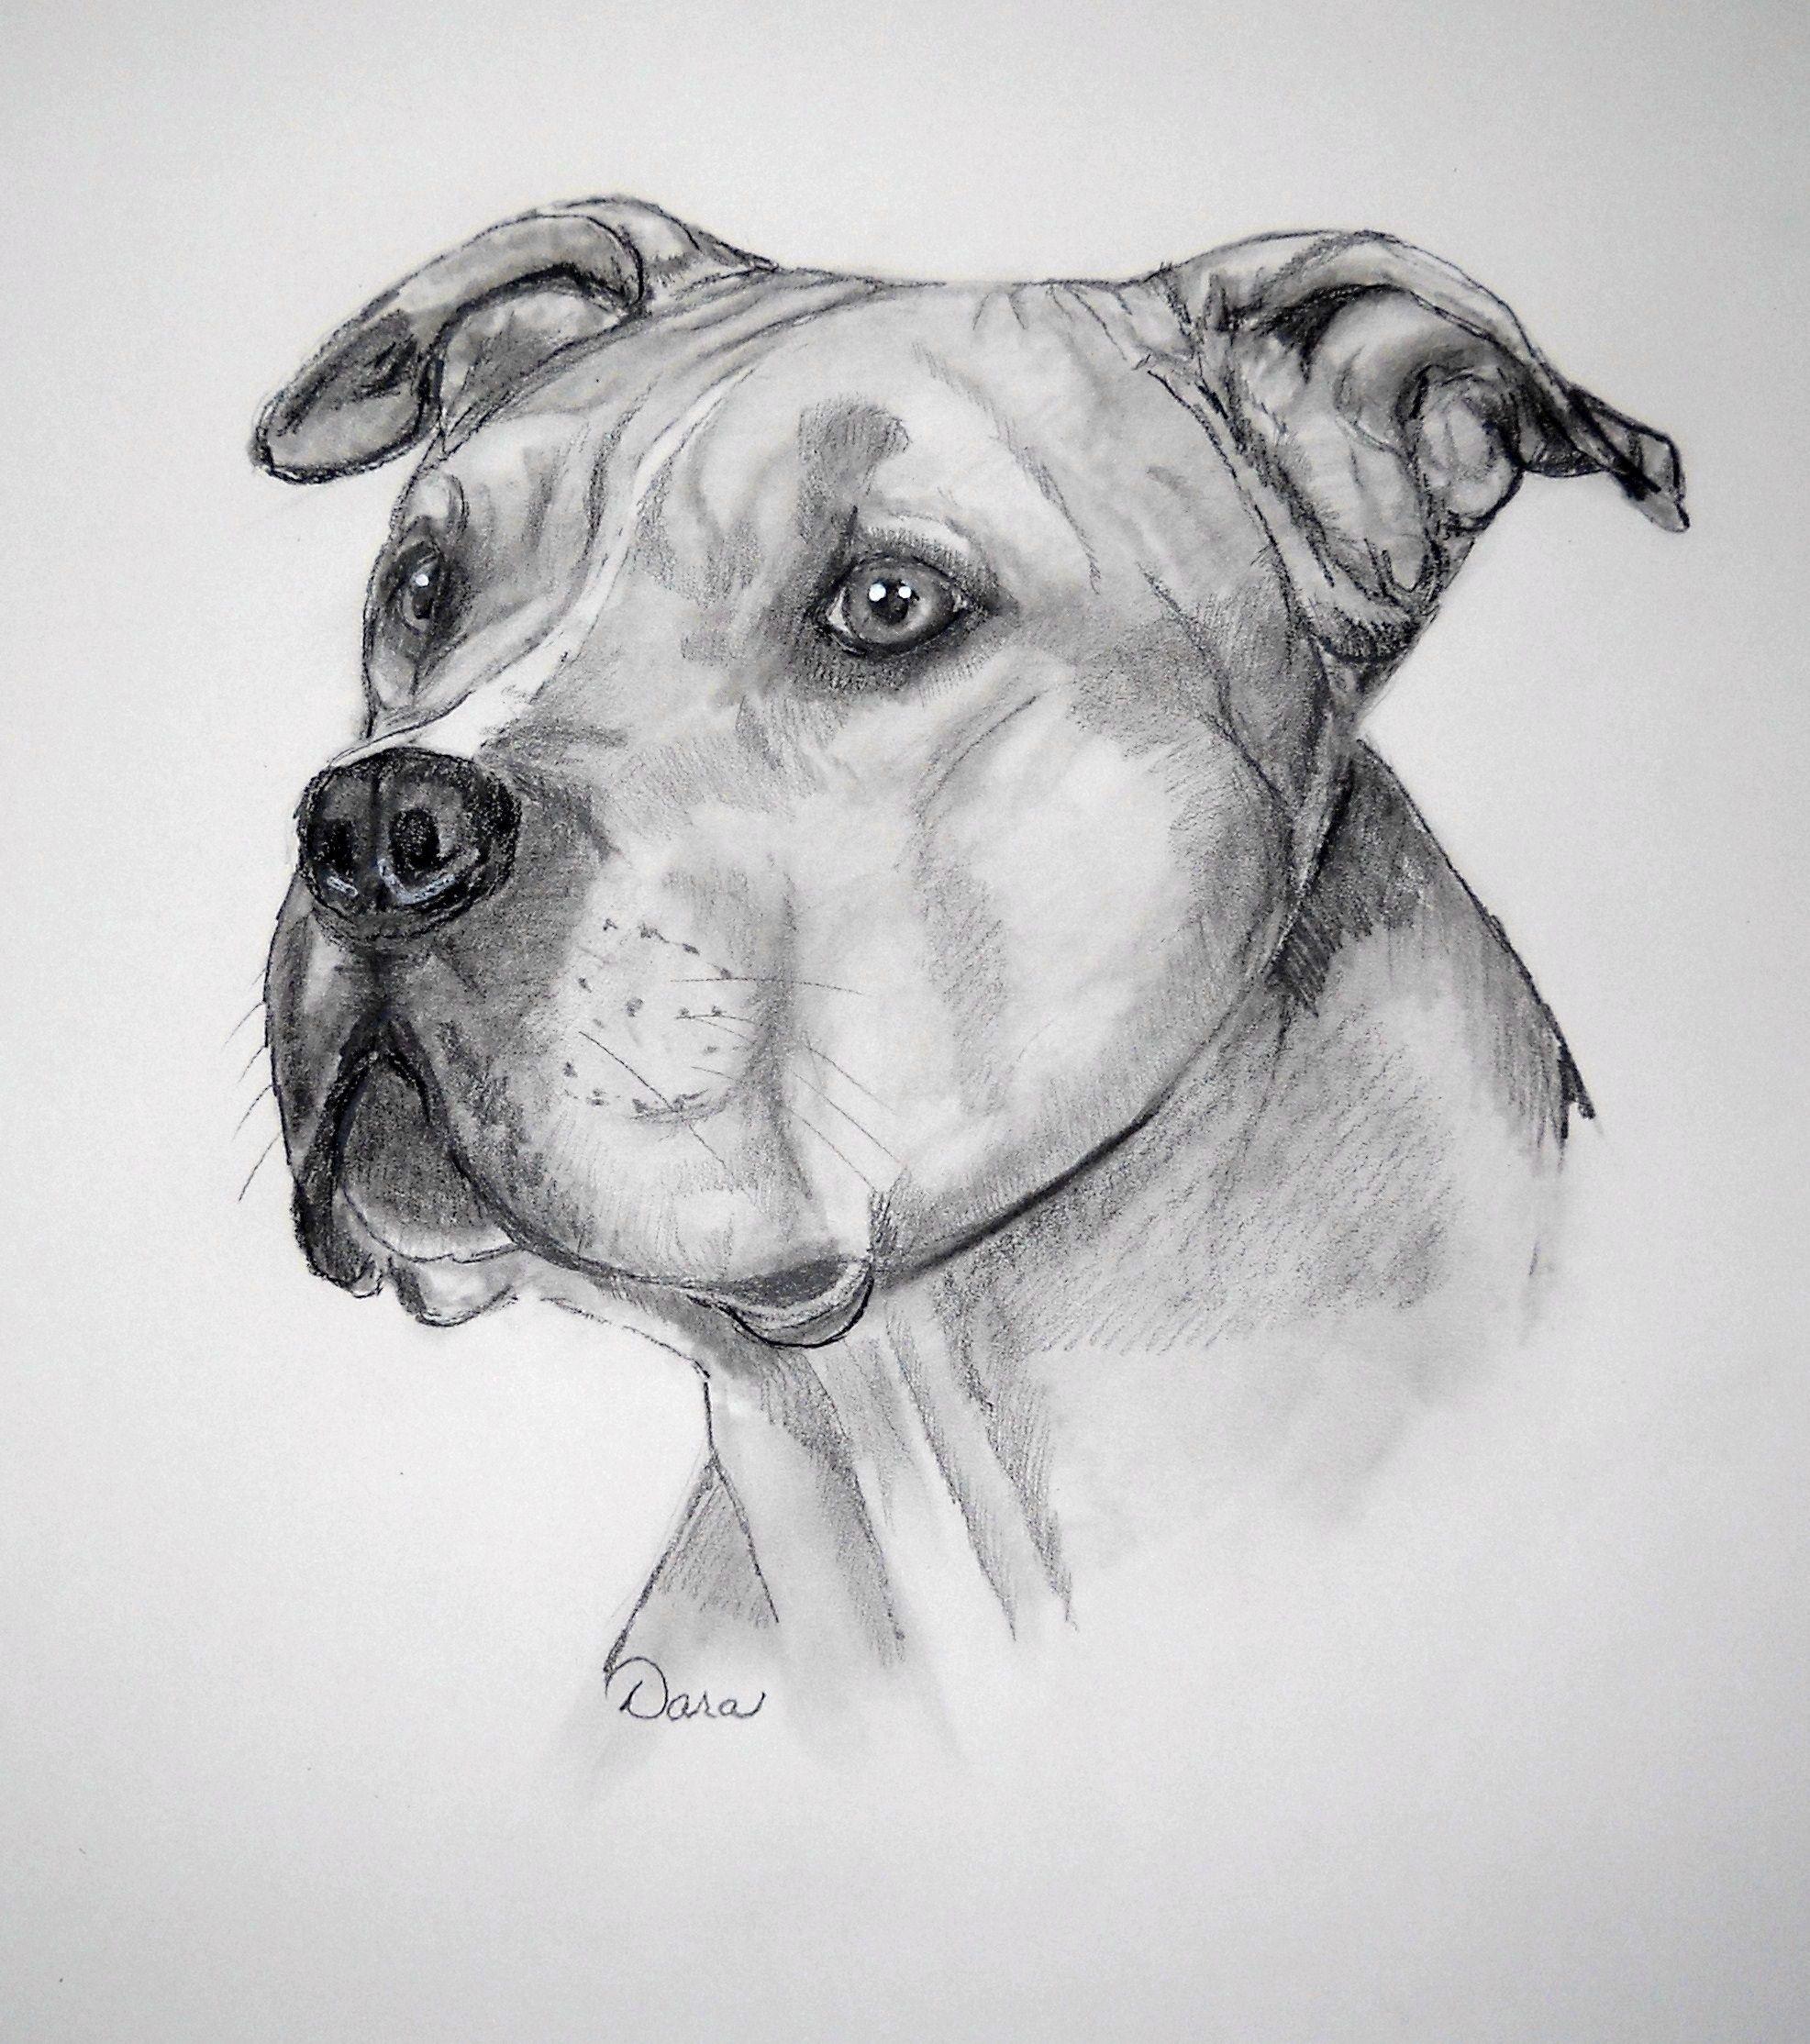 American Pitbull Terrier With Images Pitbull Art Bull Terrier